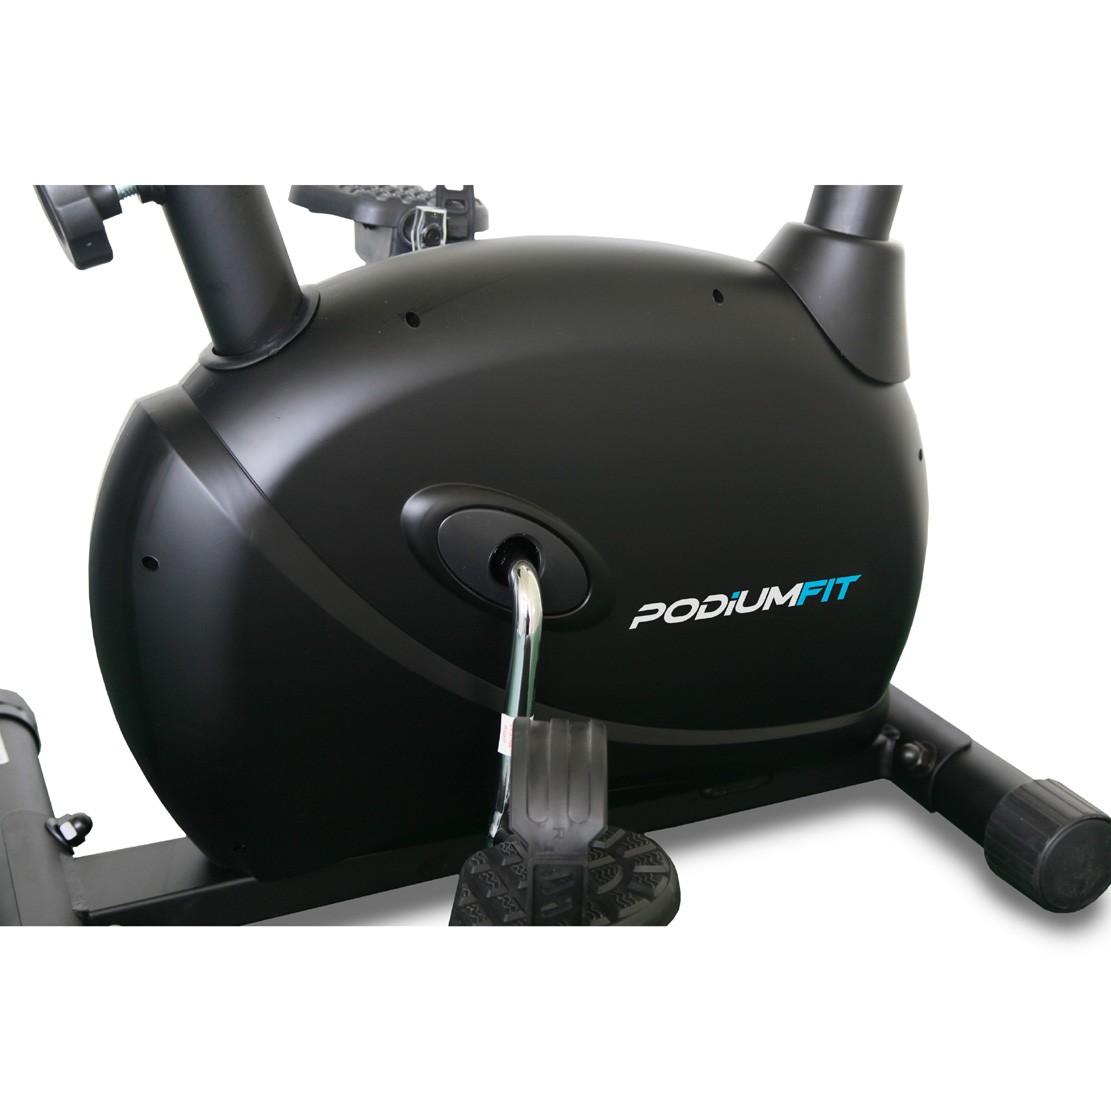 Bicicleta Ergométrica PodiumFit V100 - Magnética - 8cargas - Max120Kg - Silenciosa